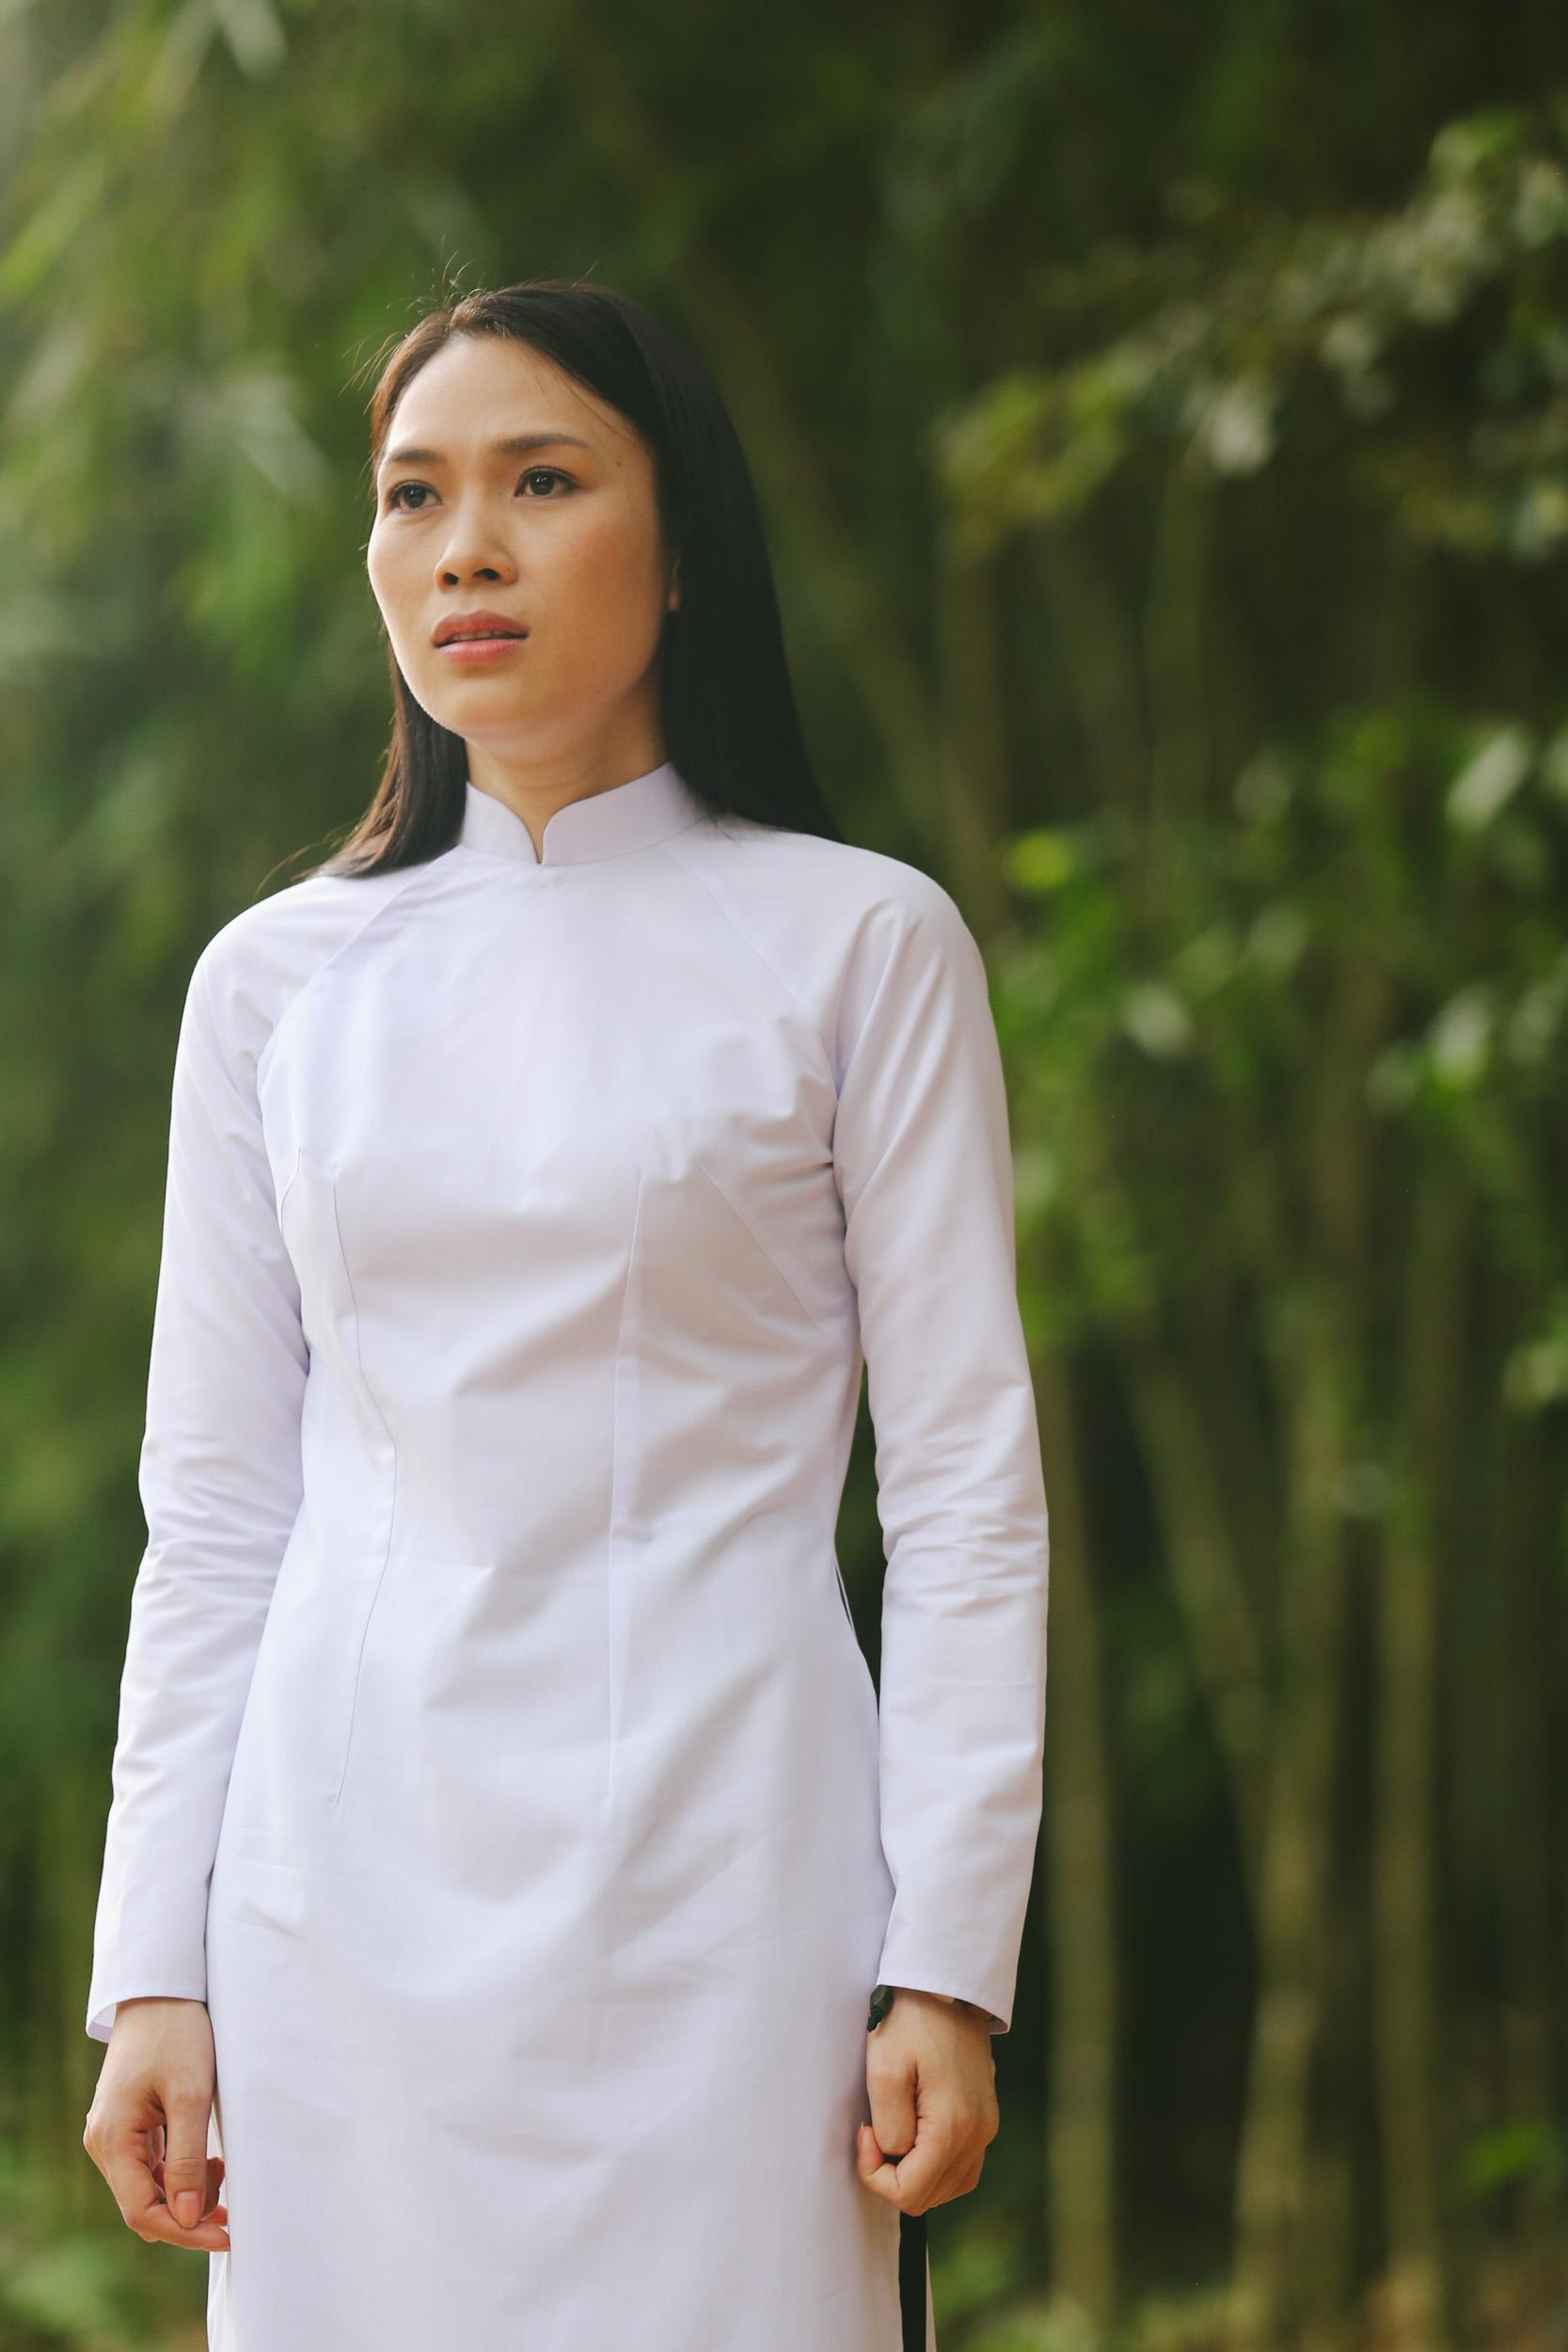 Đại chiến trending Vpop: Noo Phước Thịnh tạm dẫn đầu, MV của Mỹ Tâm vượt mặt Chi Pu chỉ sau 1 ngày ra mắt - Ảnh 5.